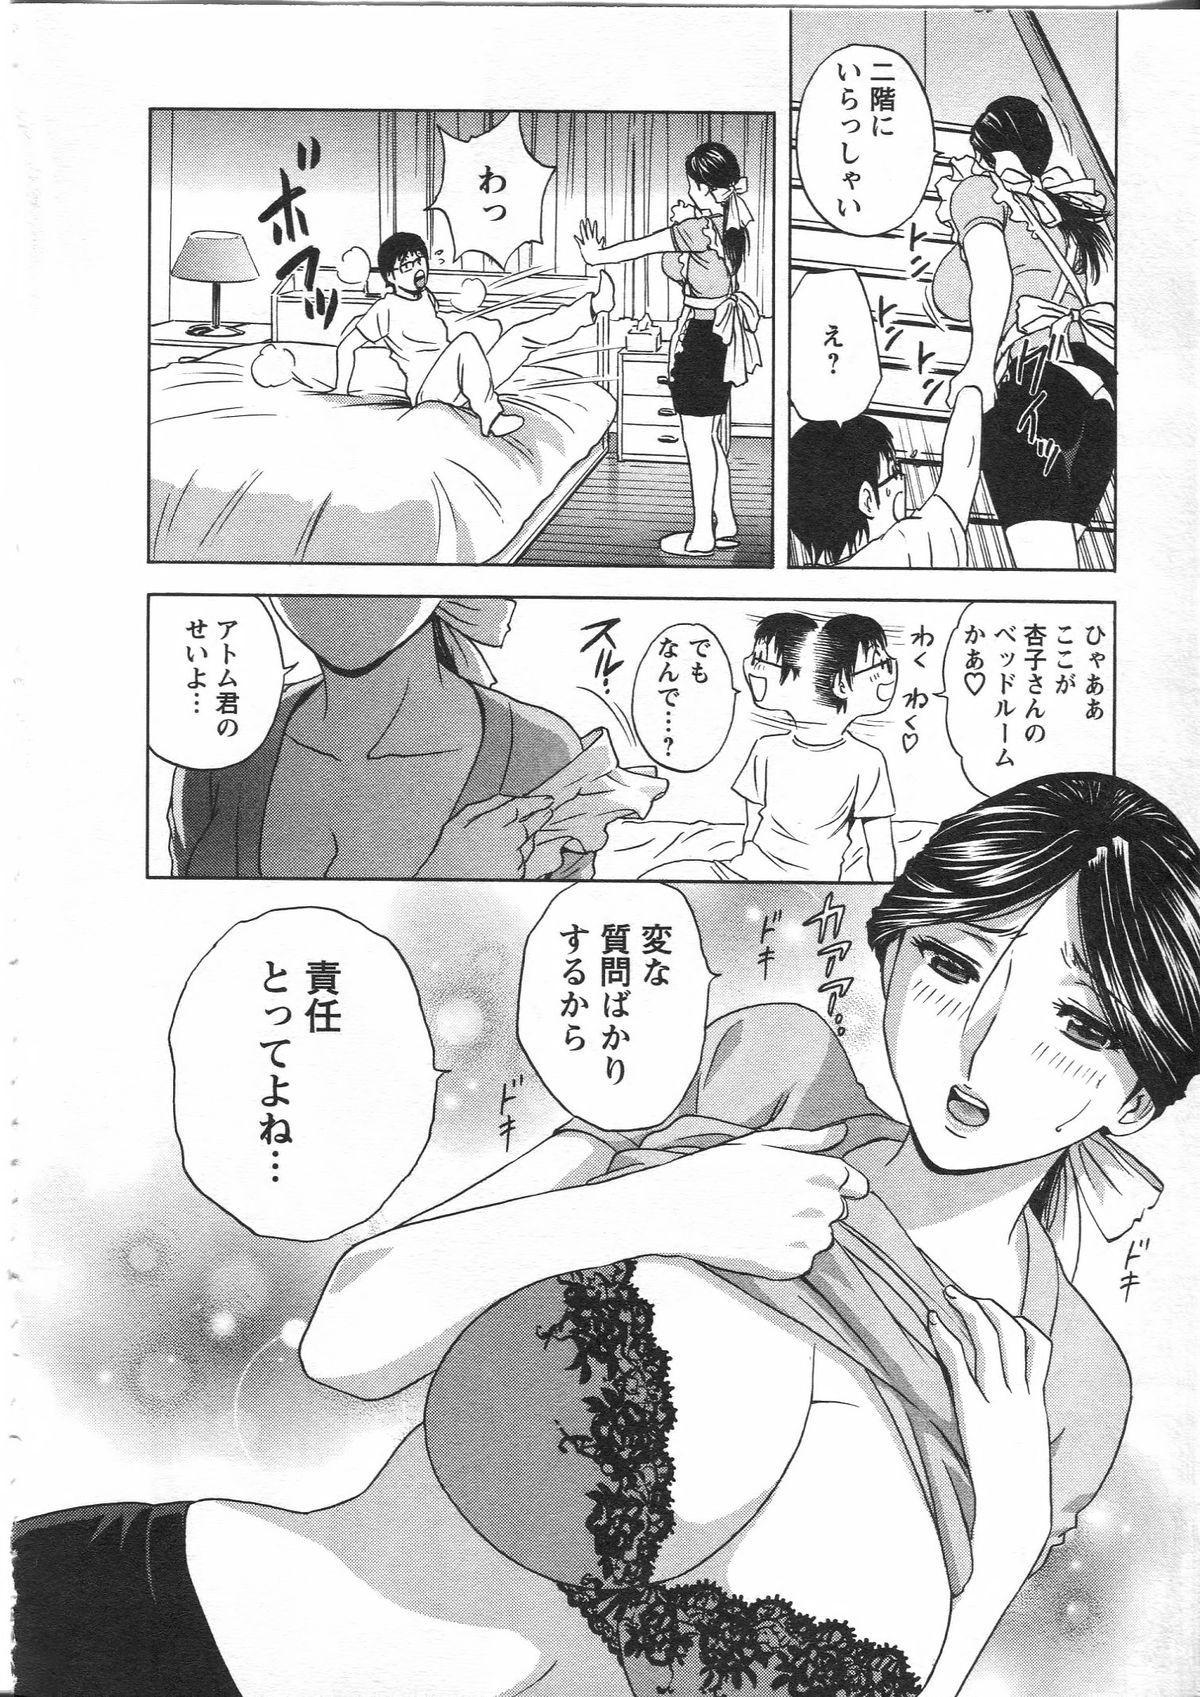 Manga no youna Hitozuma to no Hibi - Days with Married Women such as Comics. 71